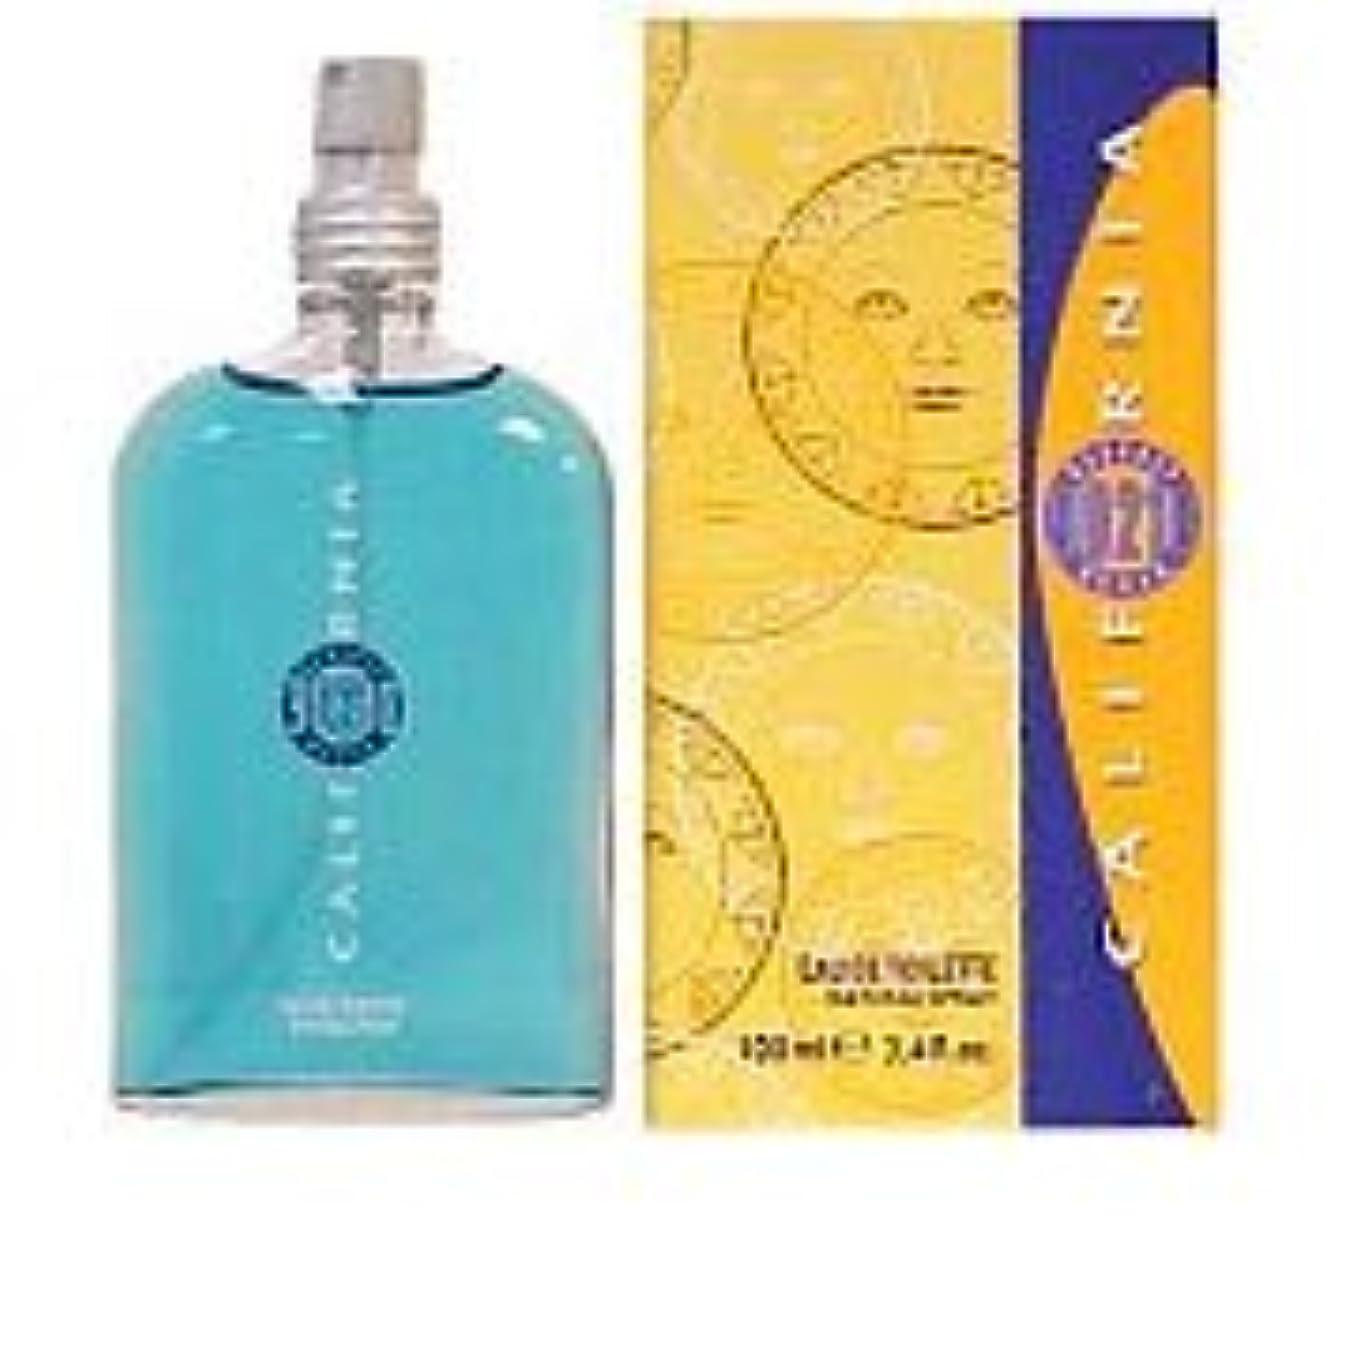 まとめるアルミニウム解決90210 California (90210 カリフォルニア) 3.4 oz (100ml) EDT Spray by Beverly Hills 90210 for Men